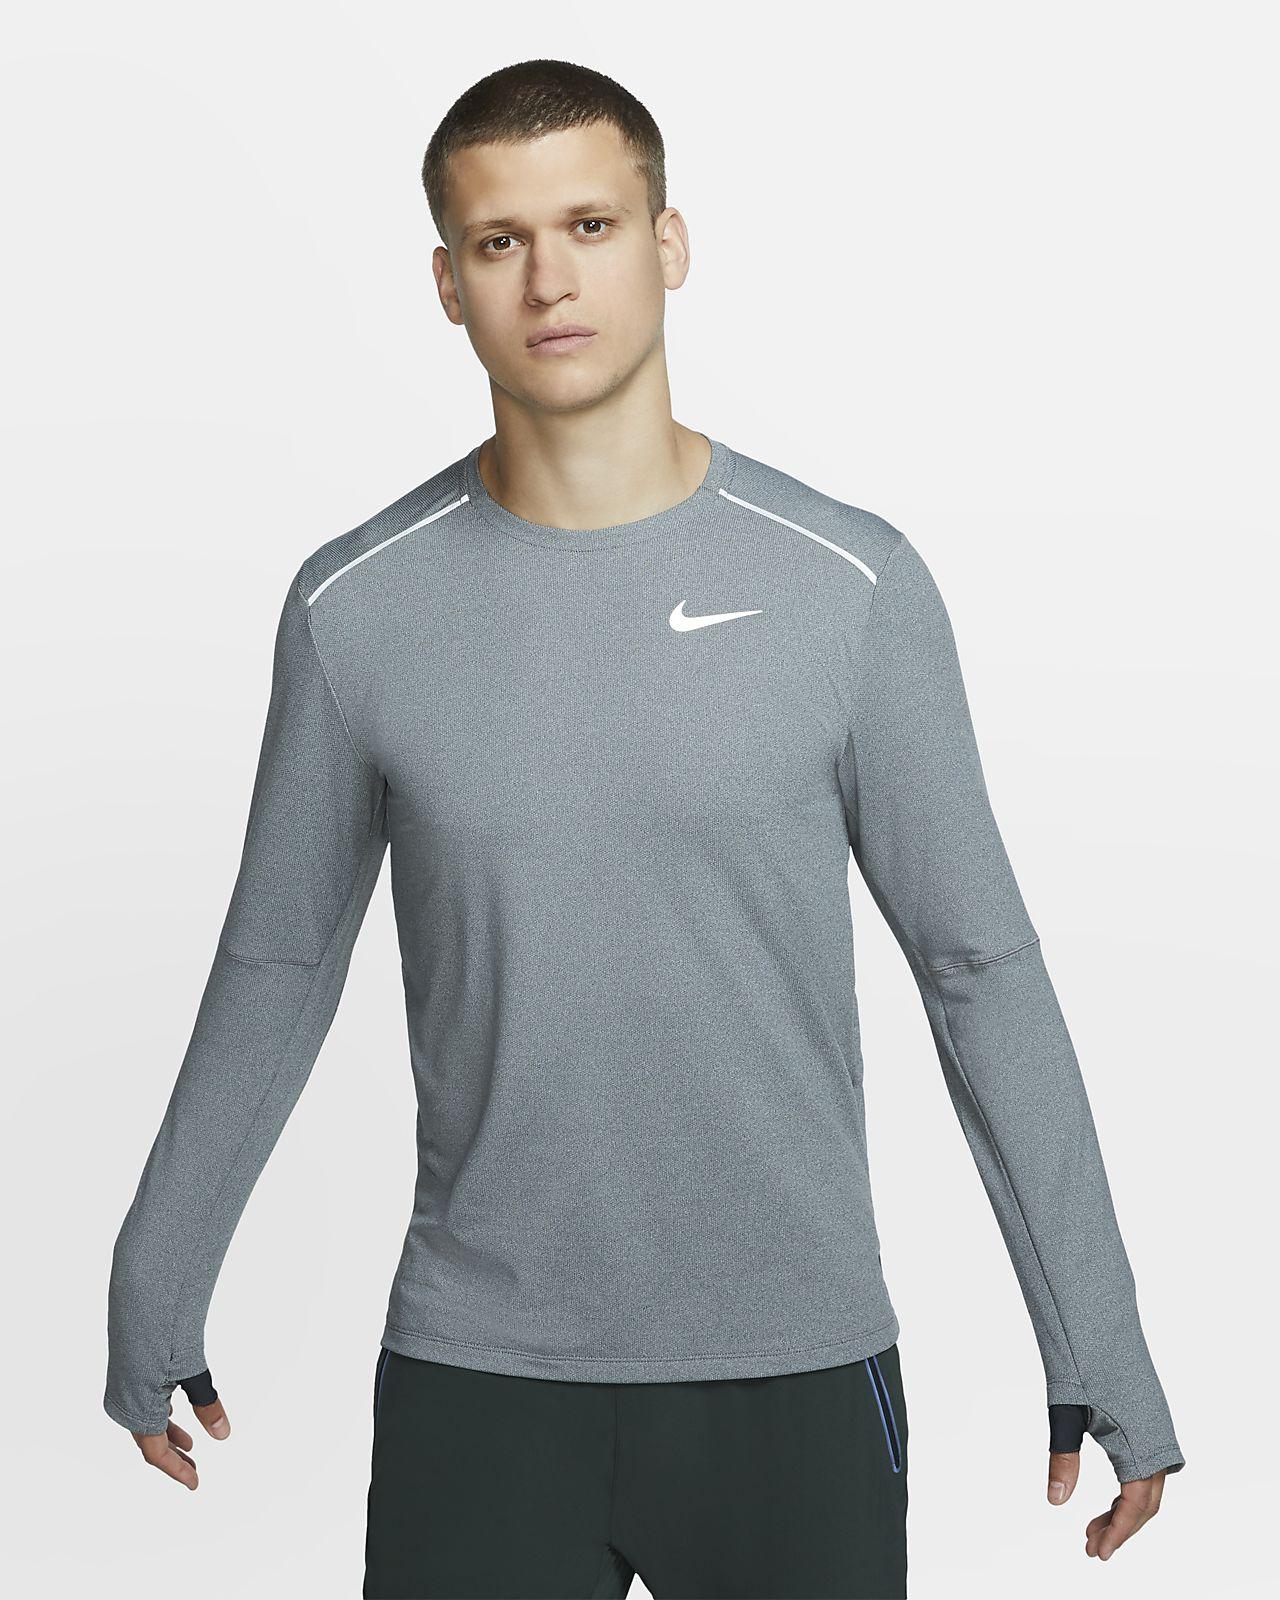 Nike Element 3.0 løpegenser til herre